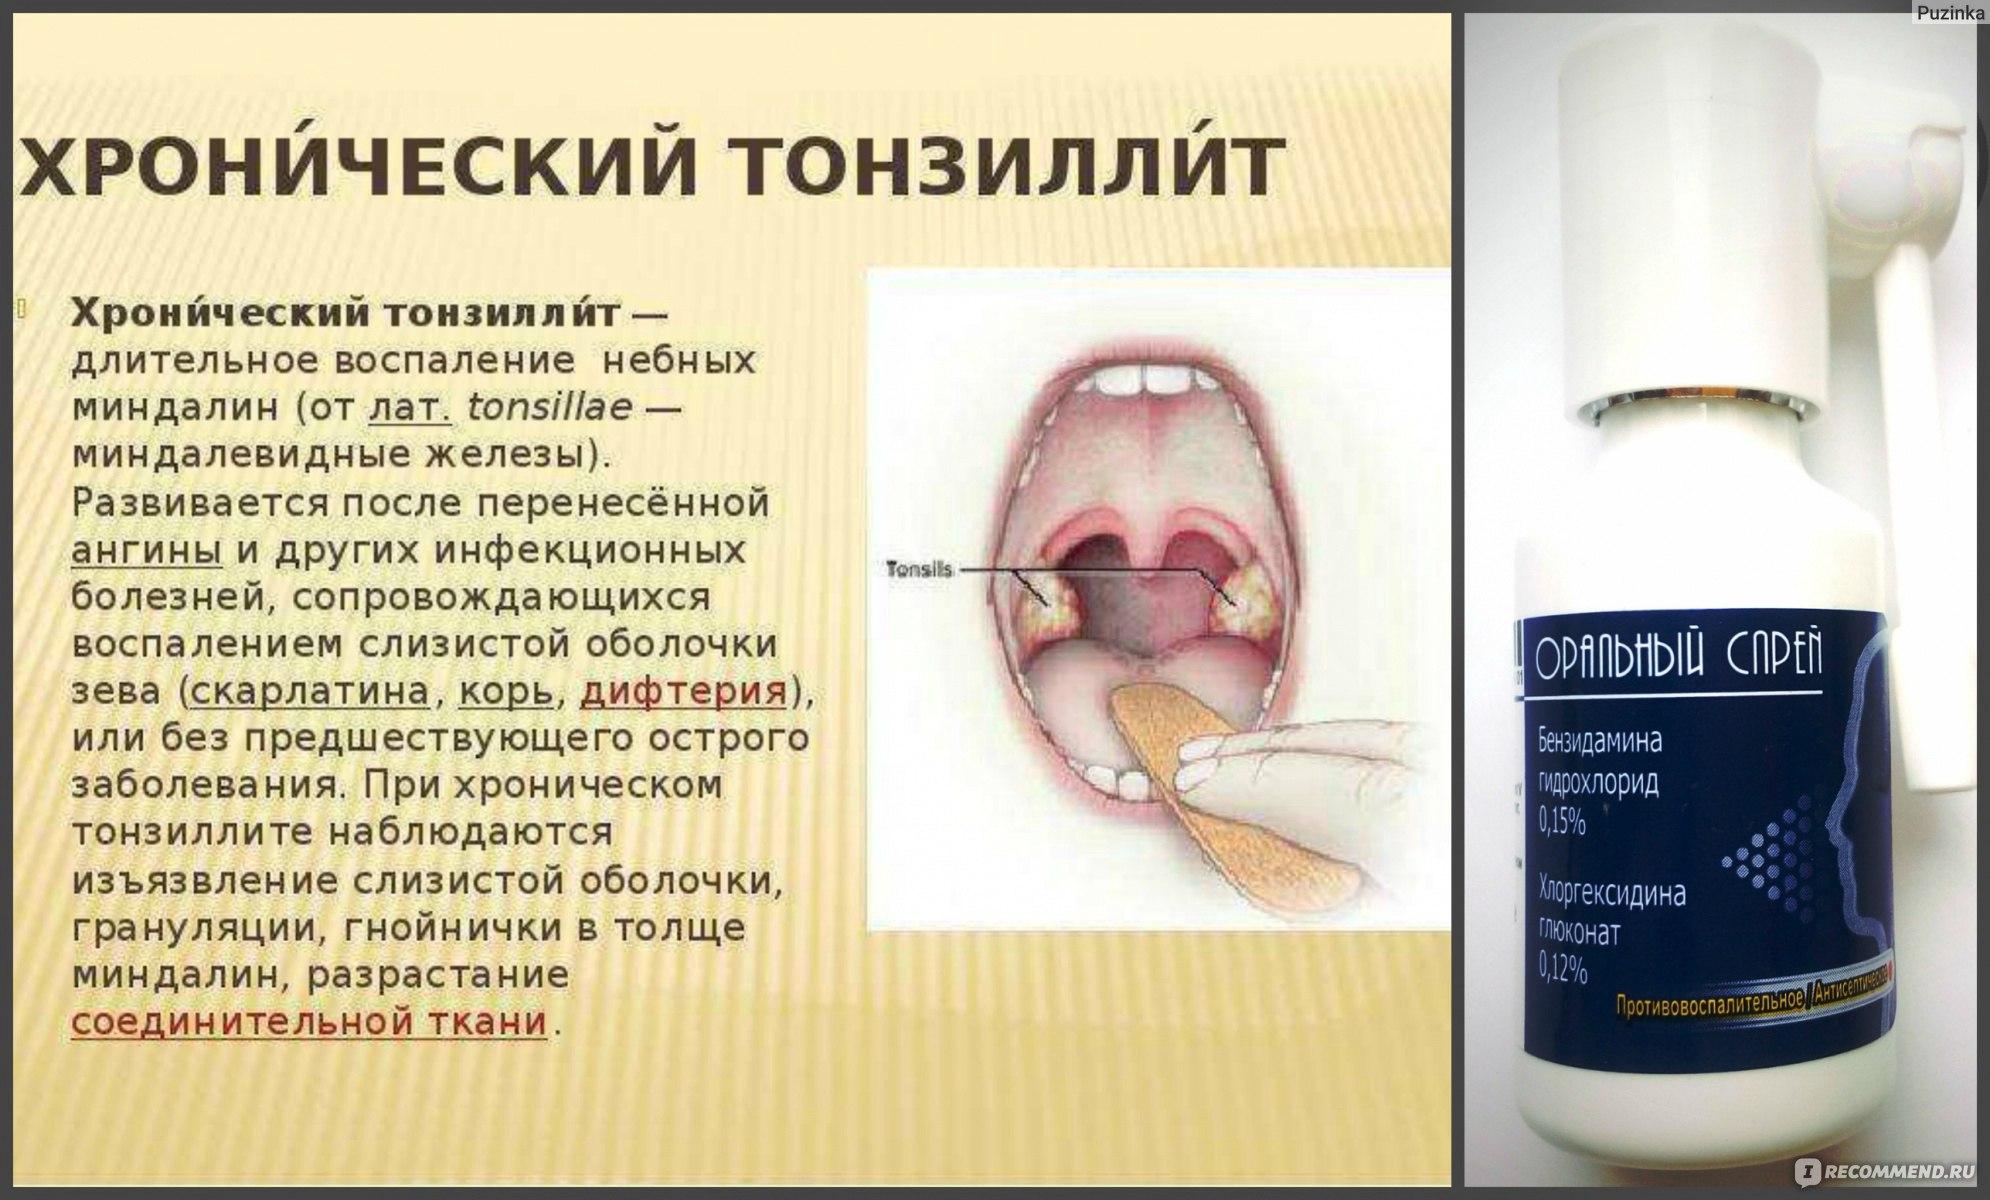 Хронический тонзиллит лечить при домашних условиях 178